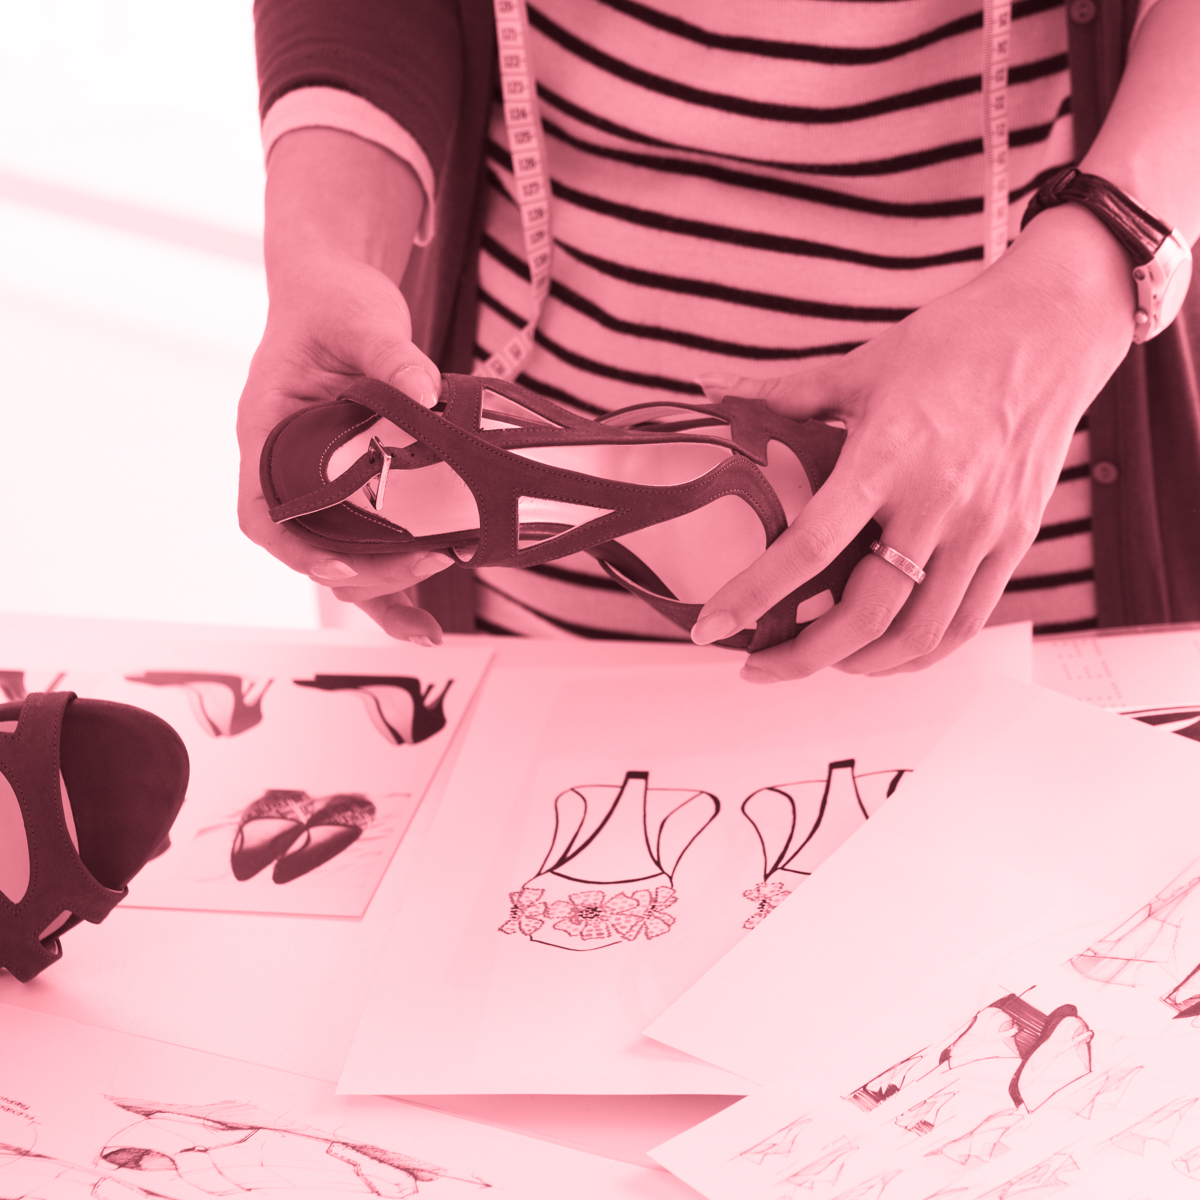 Sketch projeto Design de Calçados - 4ED escola de design